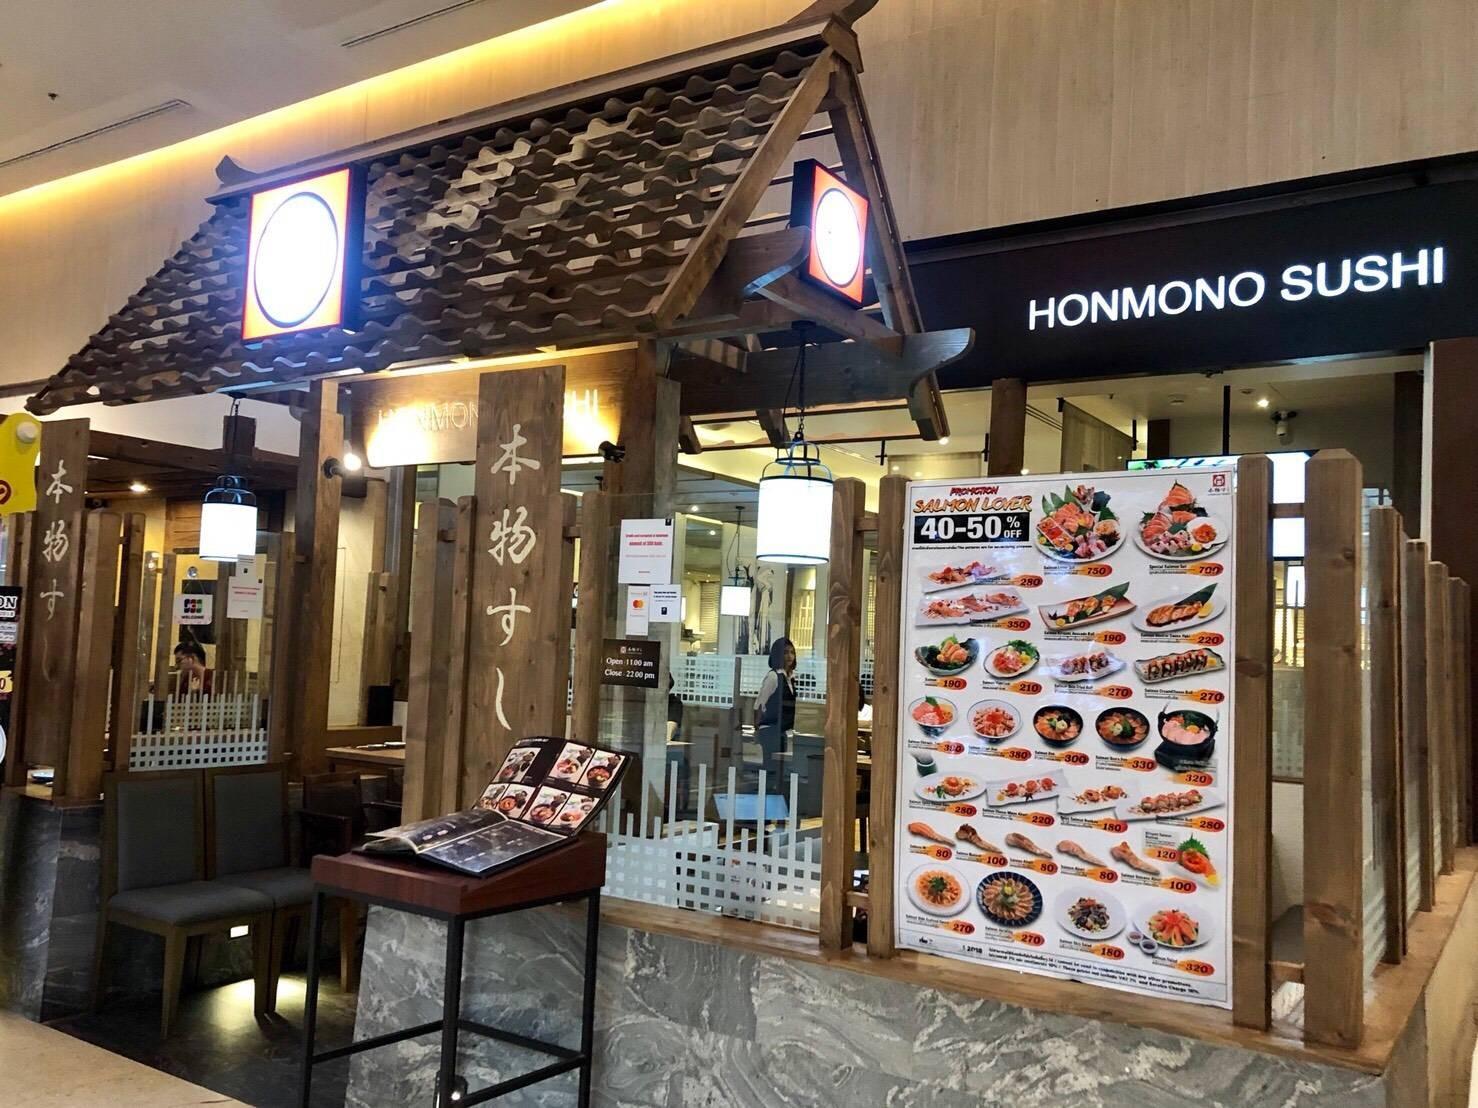 รีวิว HONMONO SUSHI Japanese Restaurant centralwOrld - วัตถุดิบดีงาม ราคาดีงาม ยิ่งสั่งเป็นชุดยิ่งคุ้มค่า - Wongnai